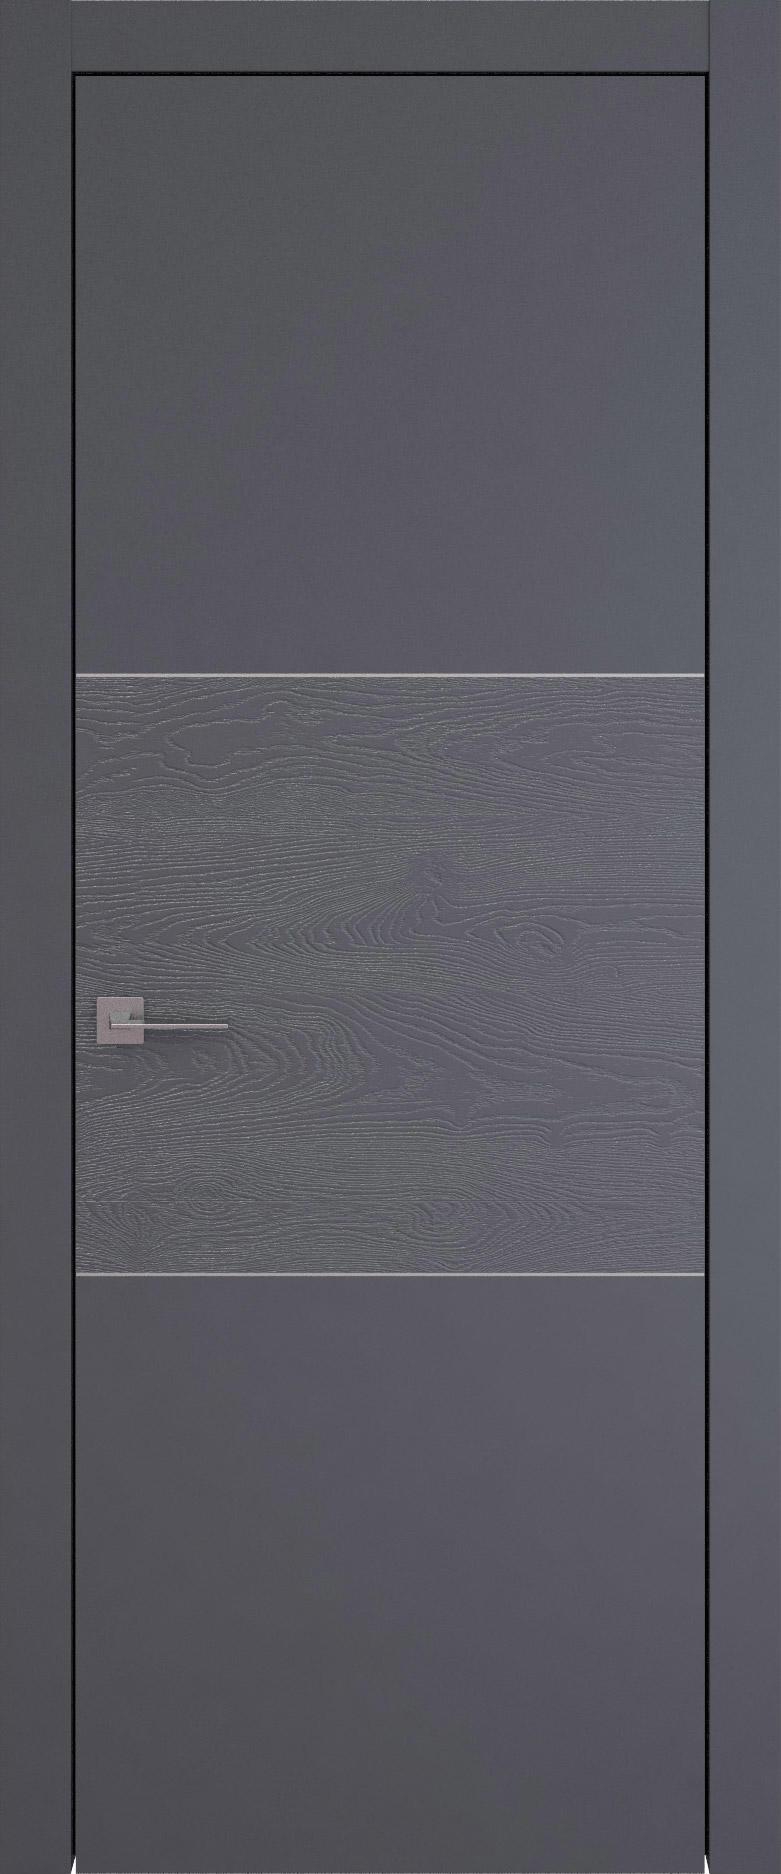 Tivoli В-2 цвет - Графитово-серая эмаль-эмаль по шпону (RAL 7024) Без стекла (ДГ)